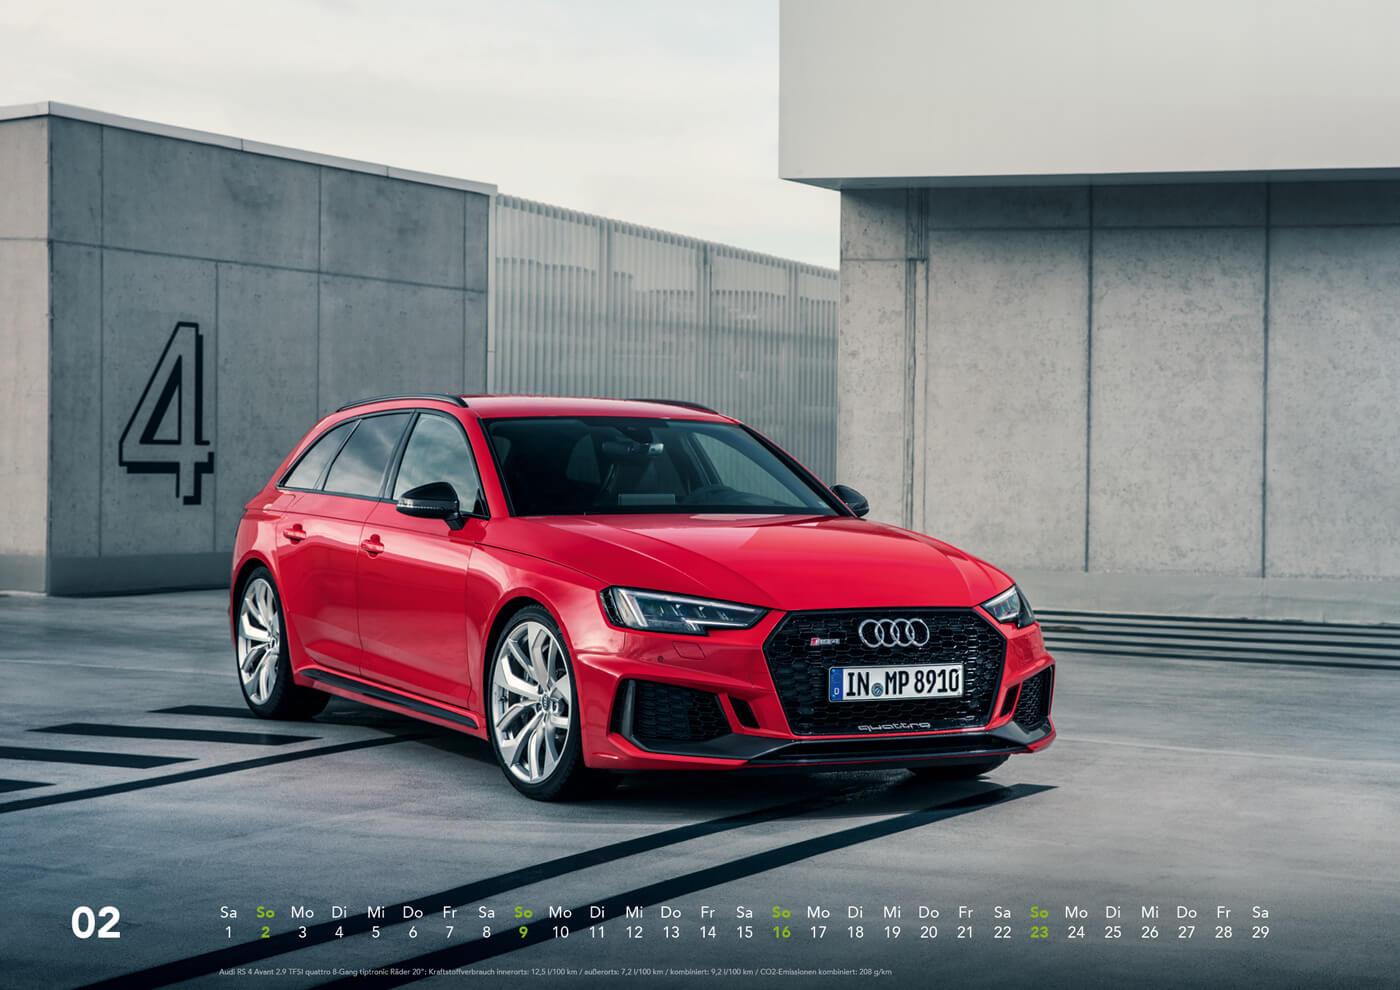 Audi Kalender 2020 DIN A2 / DIN A3 - Audi S / RS / R8 ...